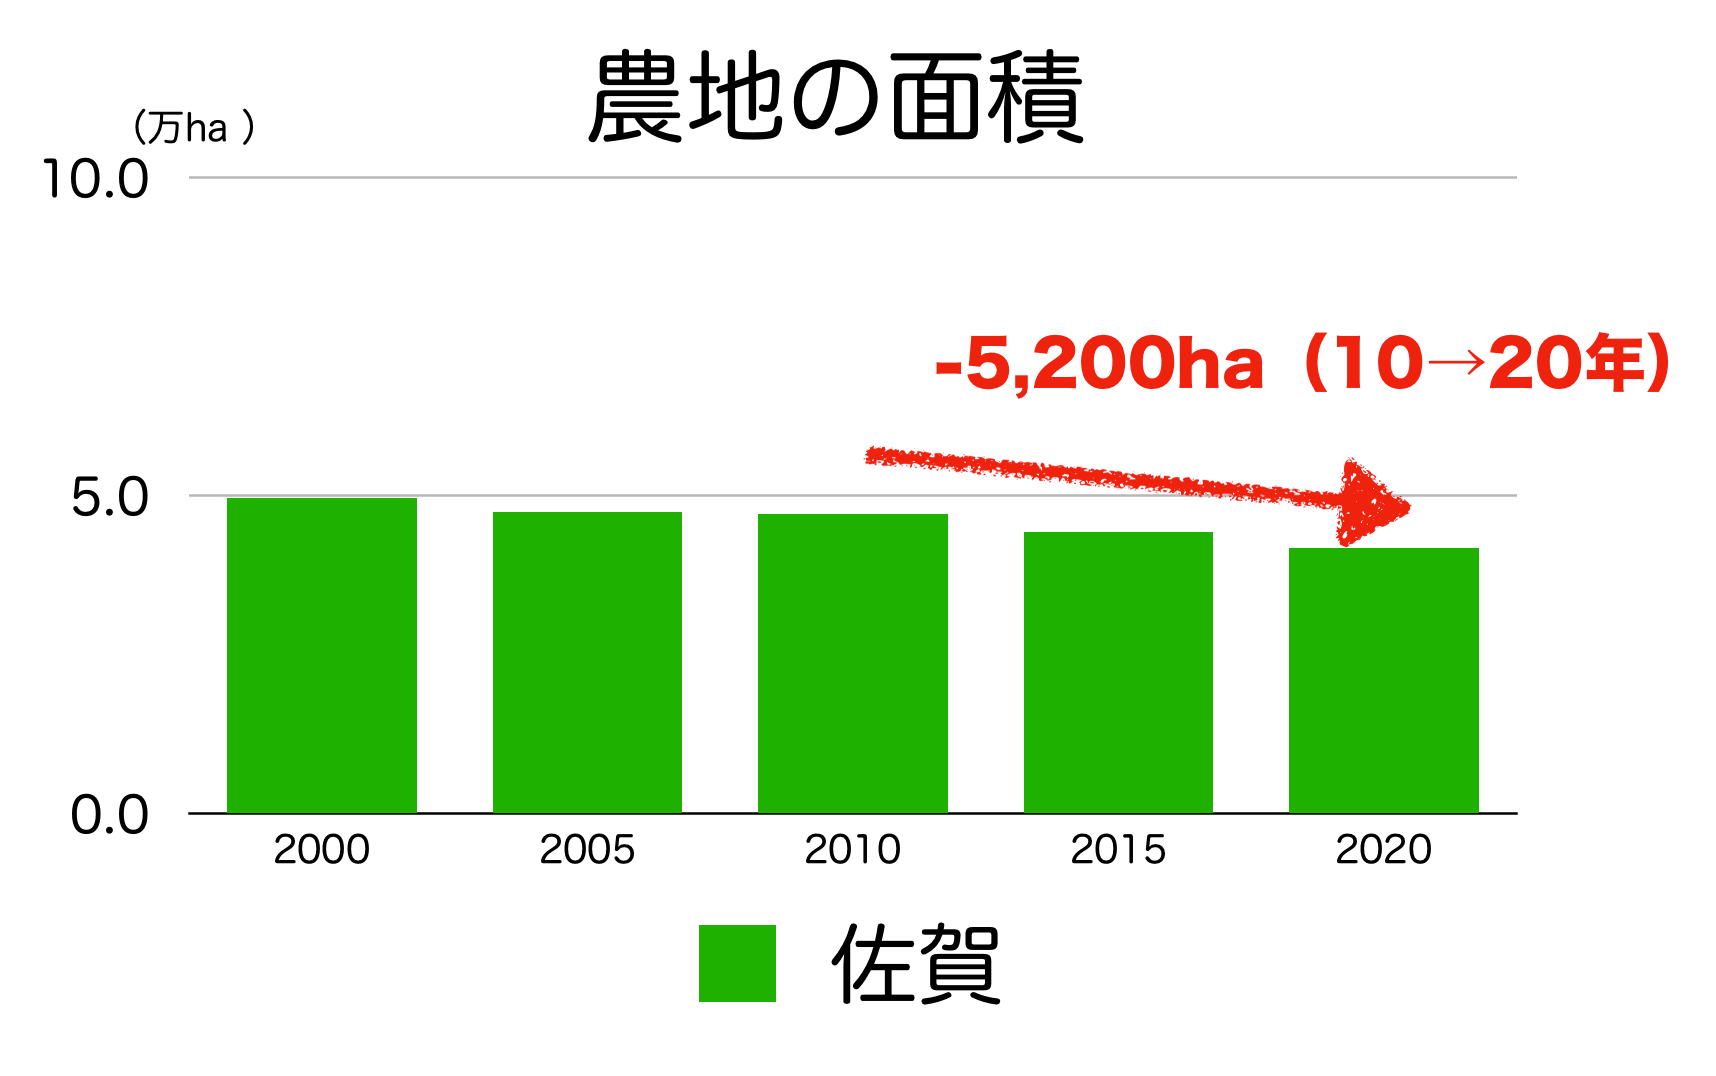 佐賀県の農地面積